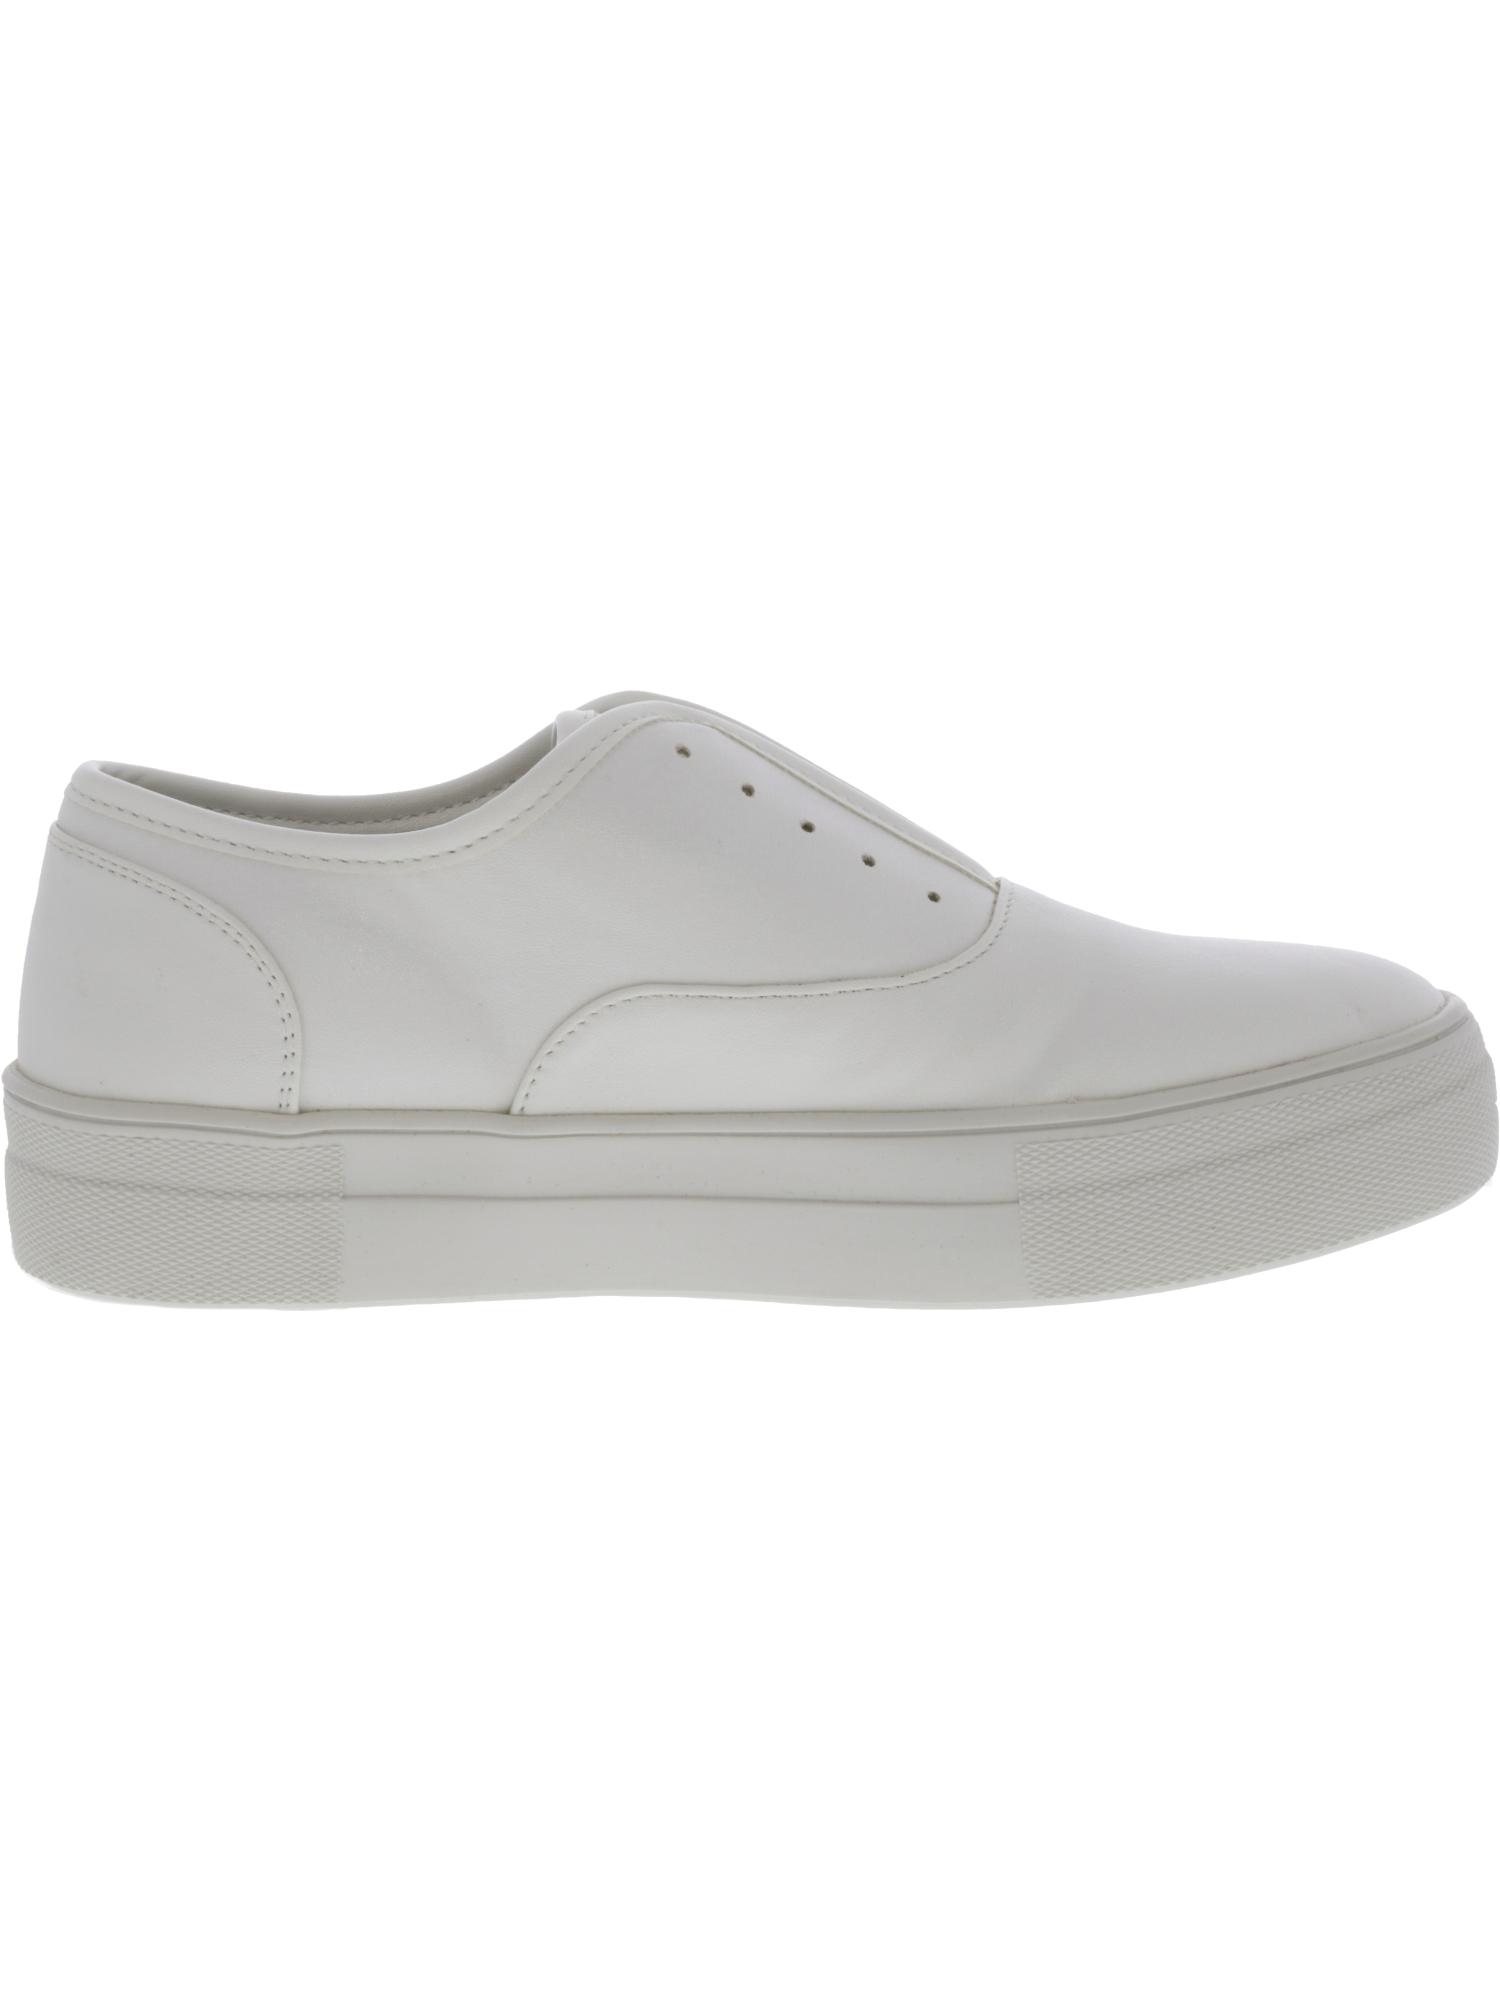 Steve-Madden-Women-039-s-Passive-Ankle-High-Slip-On-Shoes thumbnail 8